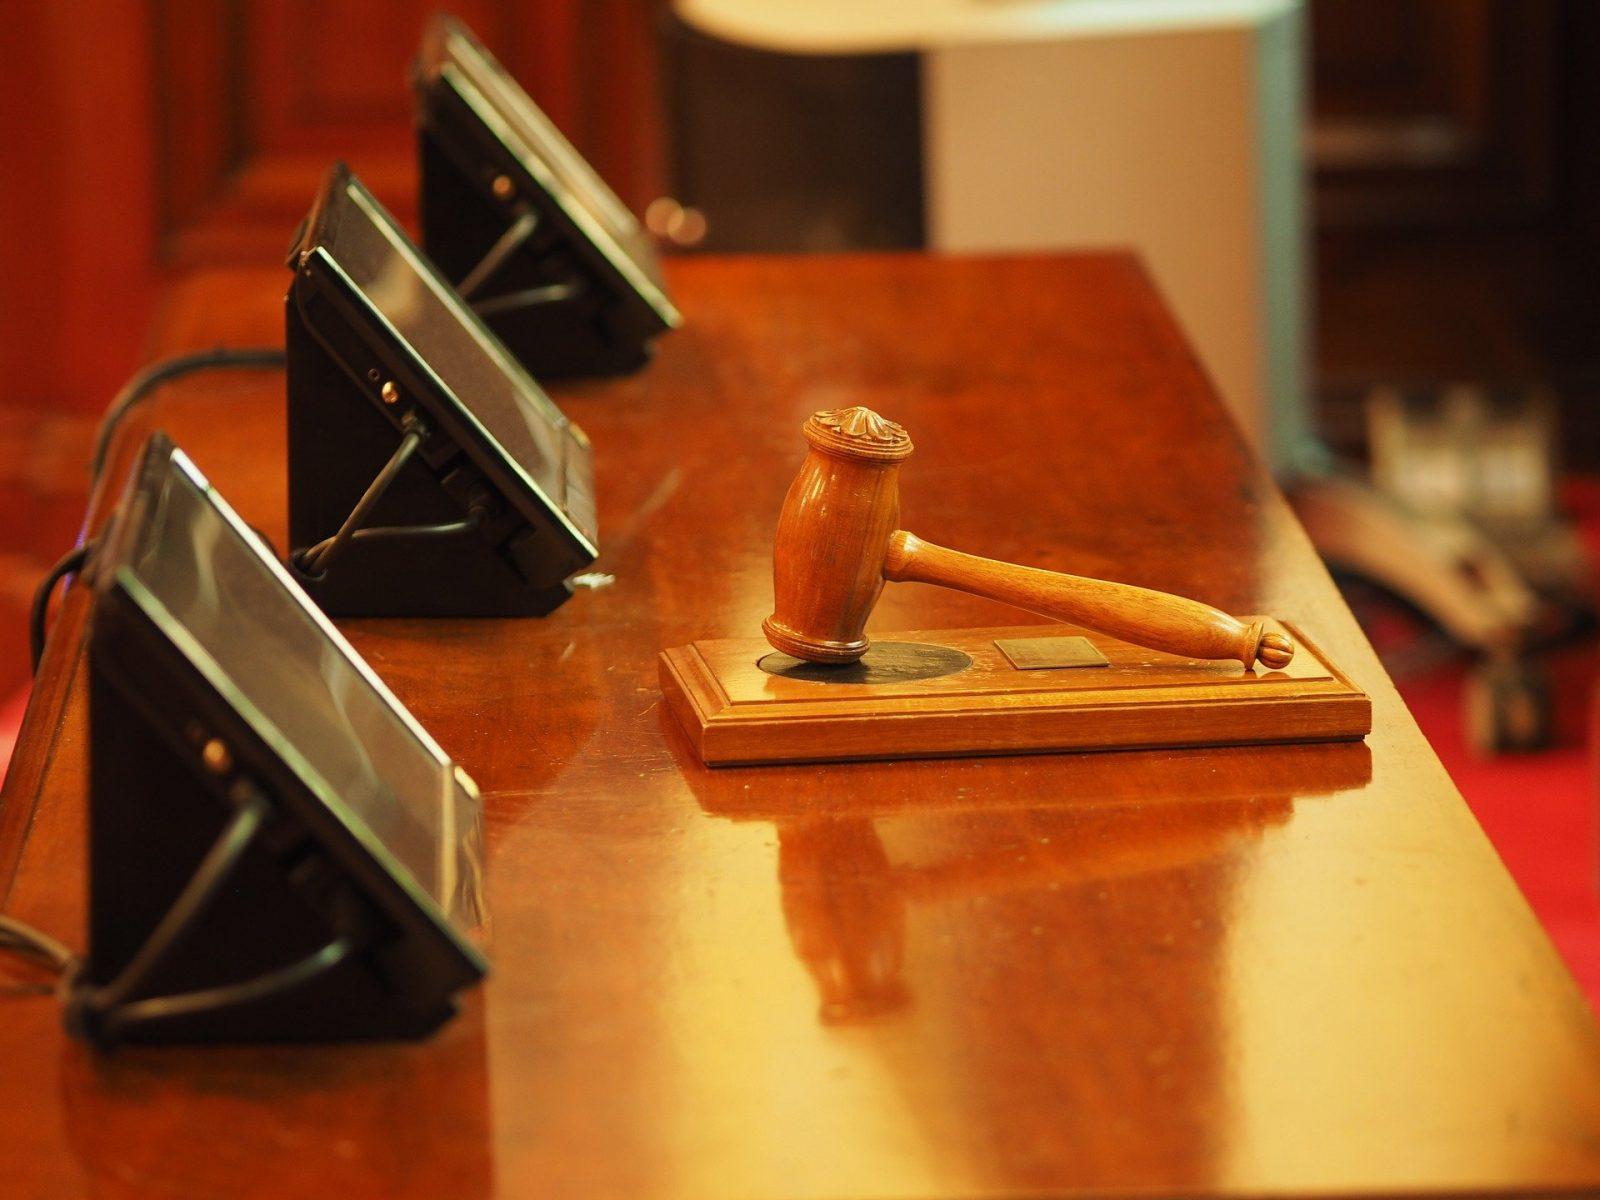 Tumpukan penuntutan: Pengadilan kriminal London didistribusikan kembali ke daerah lain